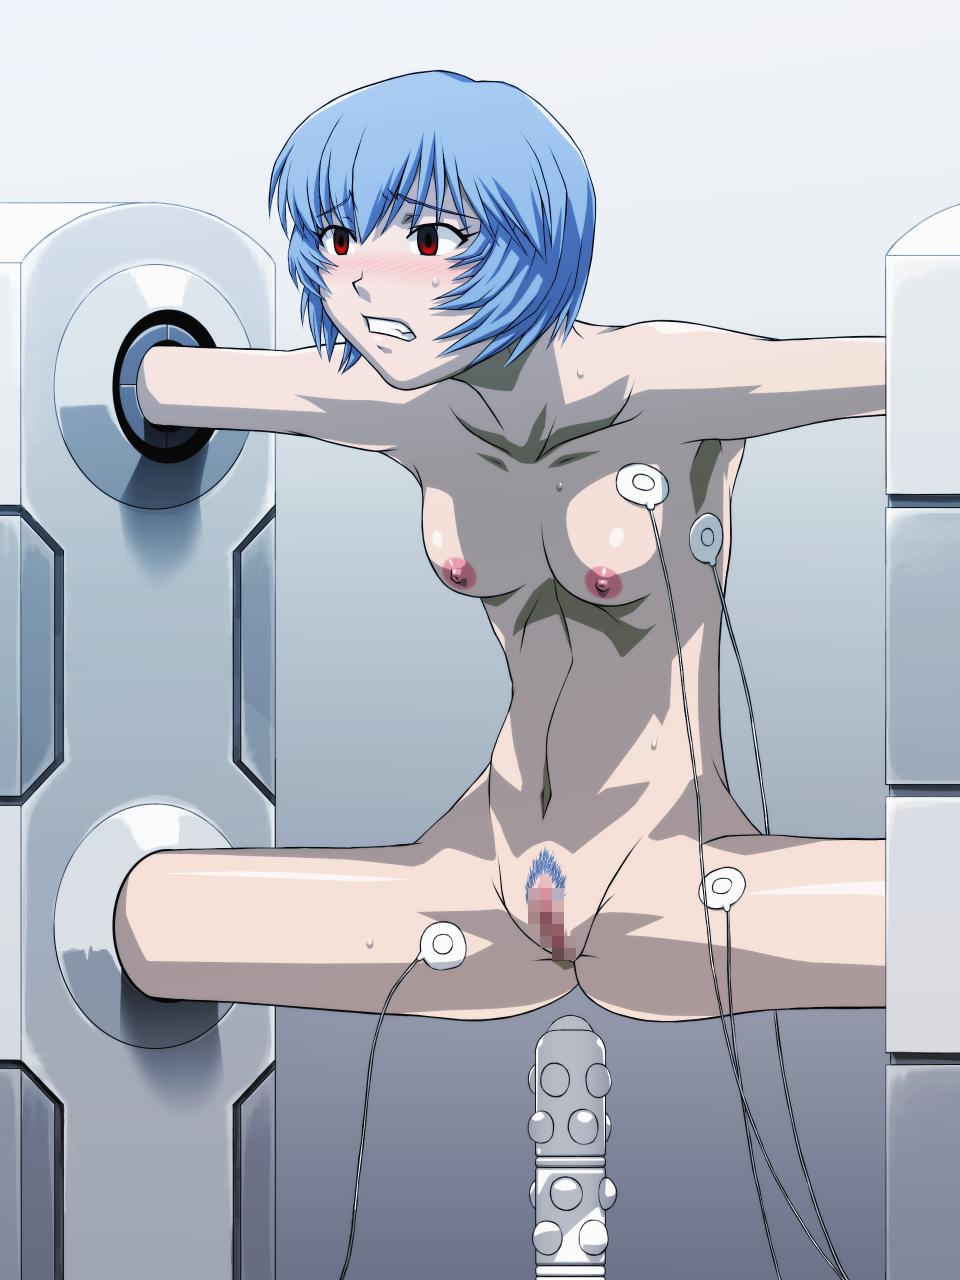 zhestokiy-seks-s-robotom